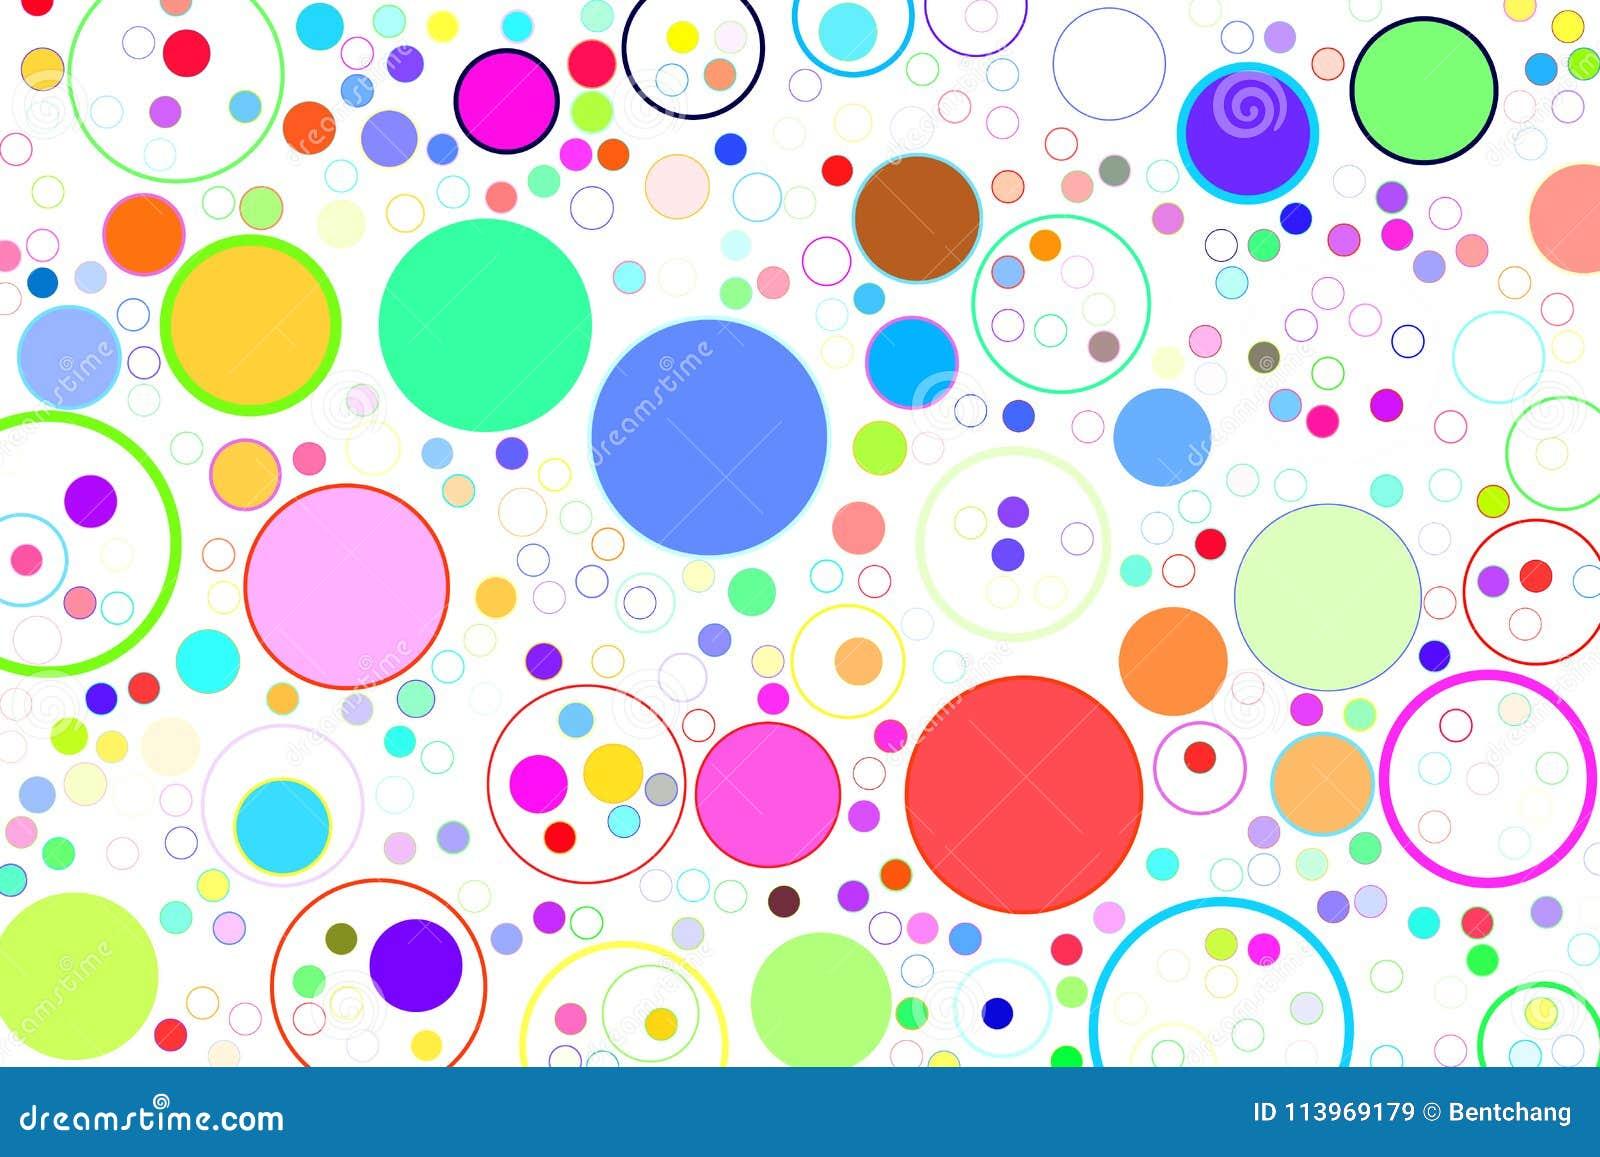 Círculos Del Fondo, Burbujas, Esfera O Modelo Abstracta